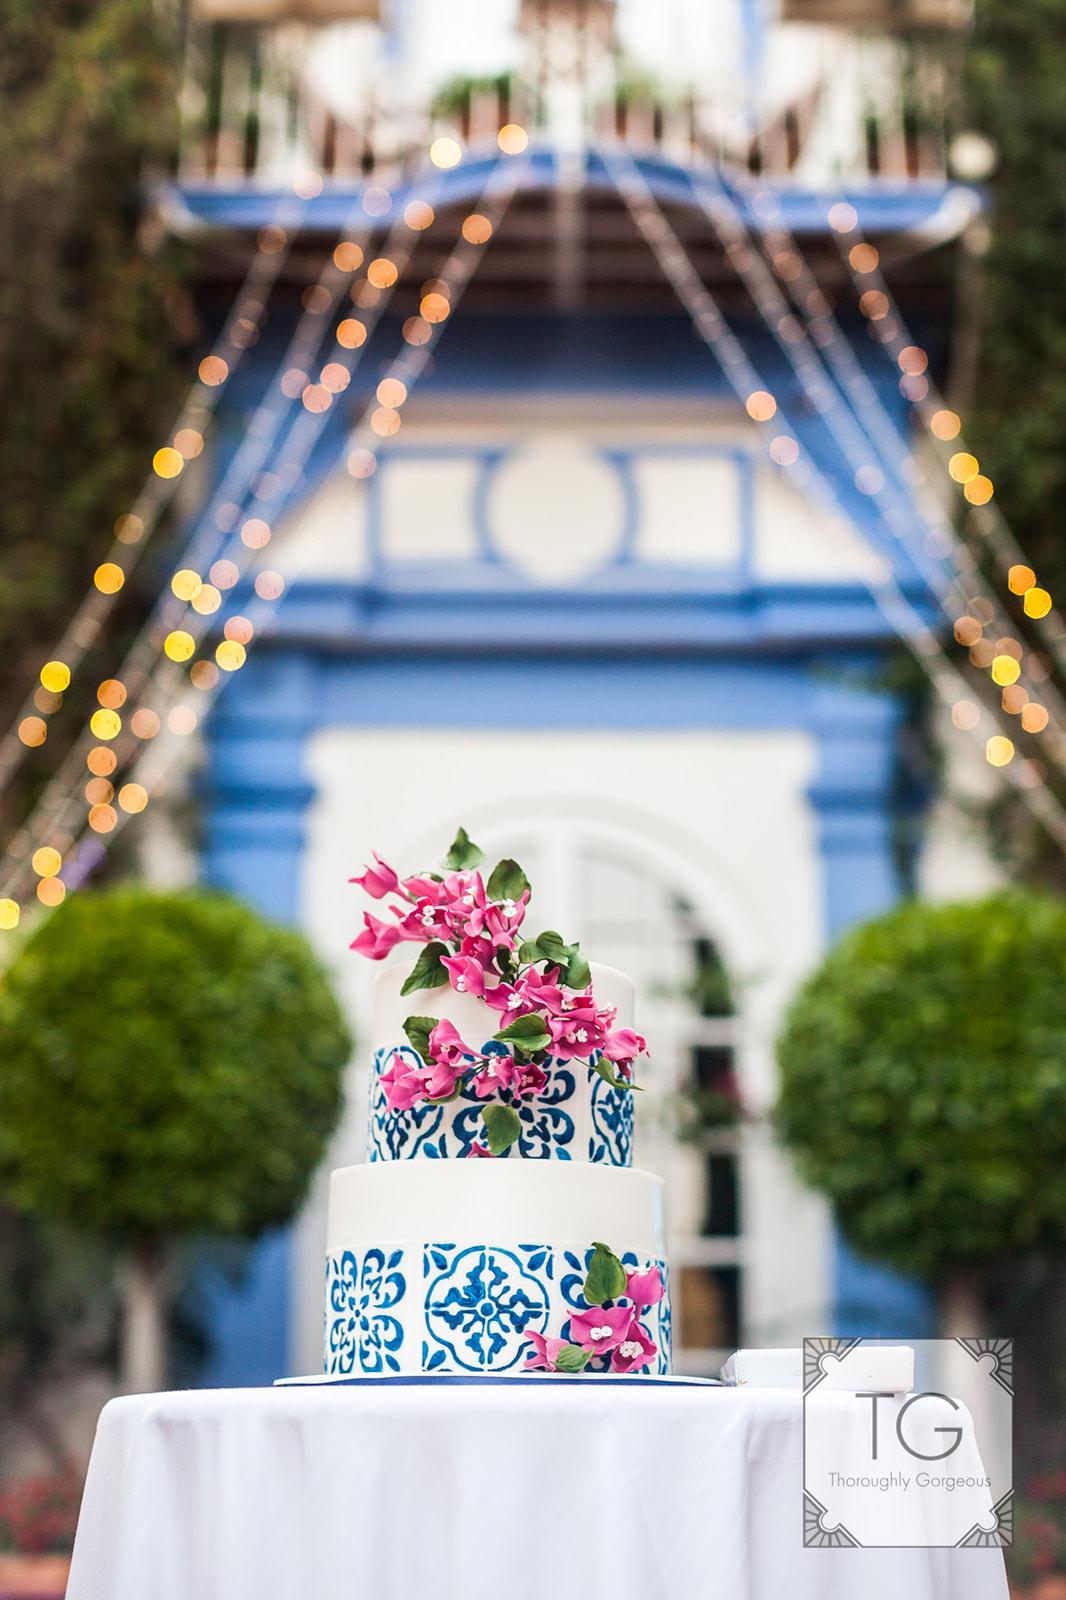 Wedding cake decor and lighting